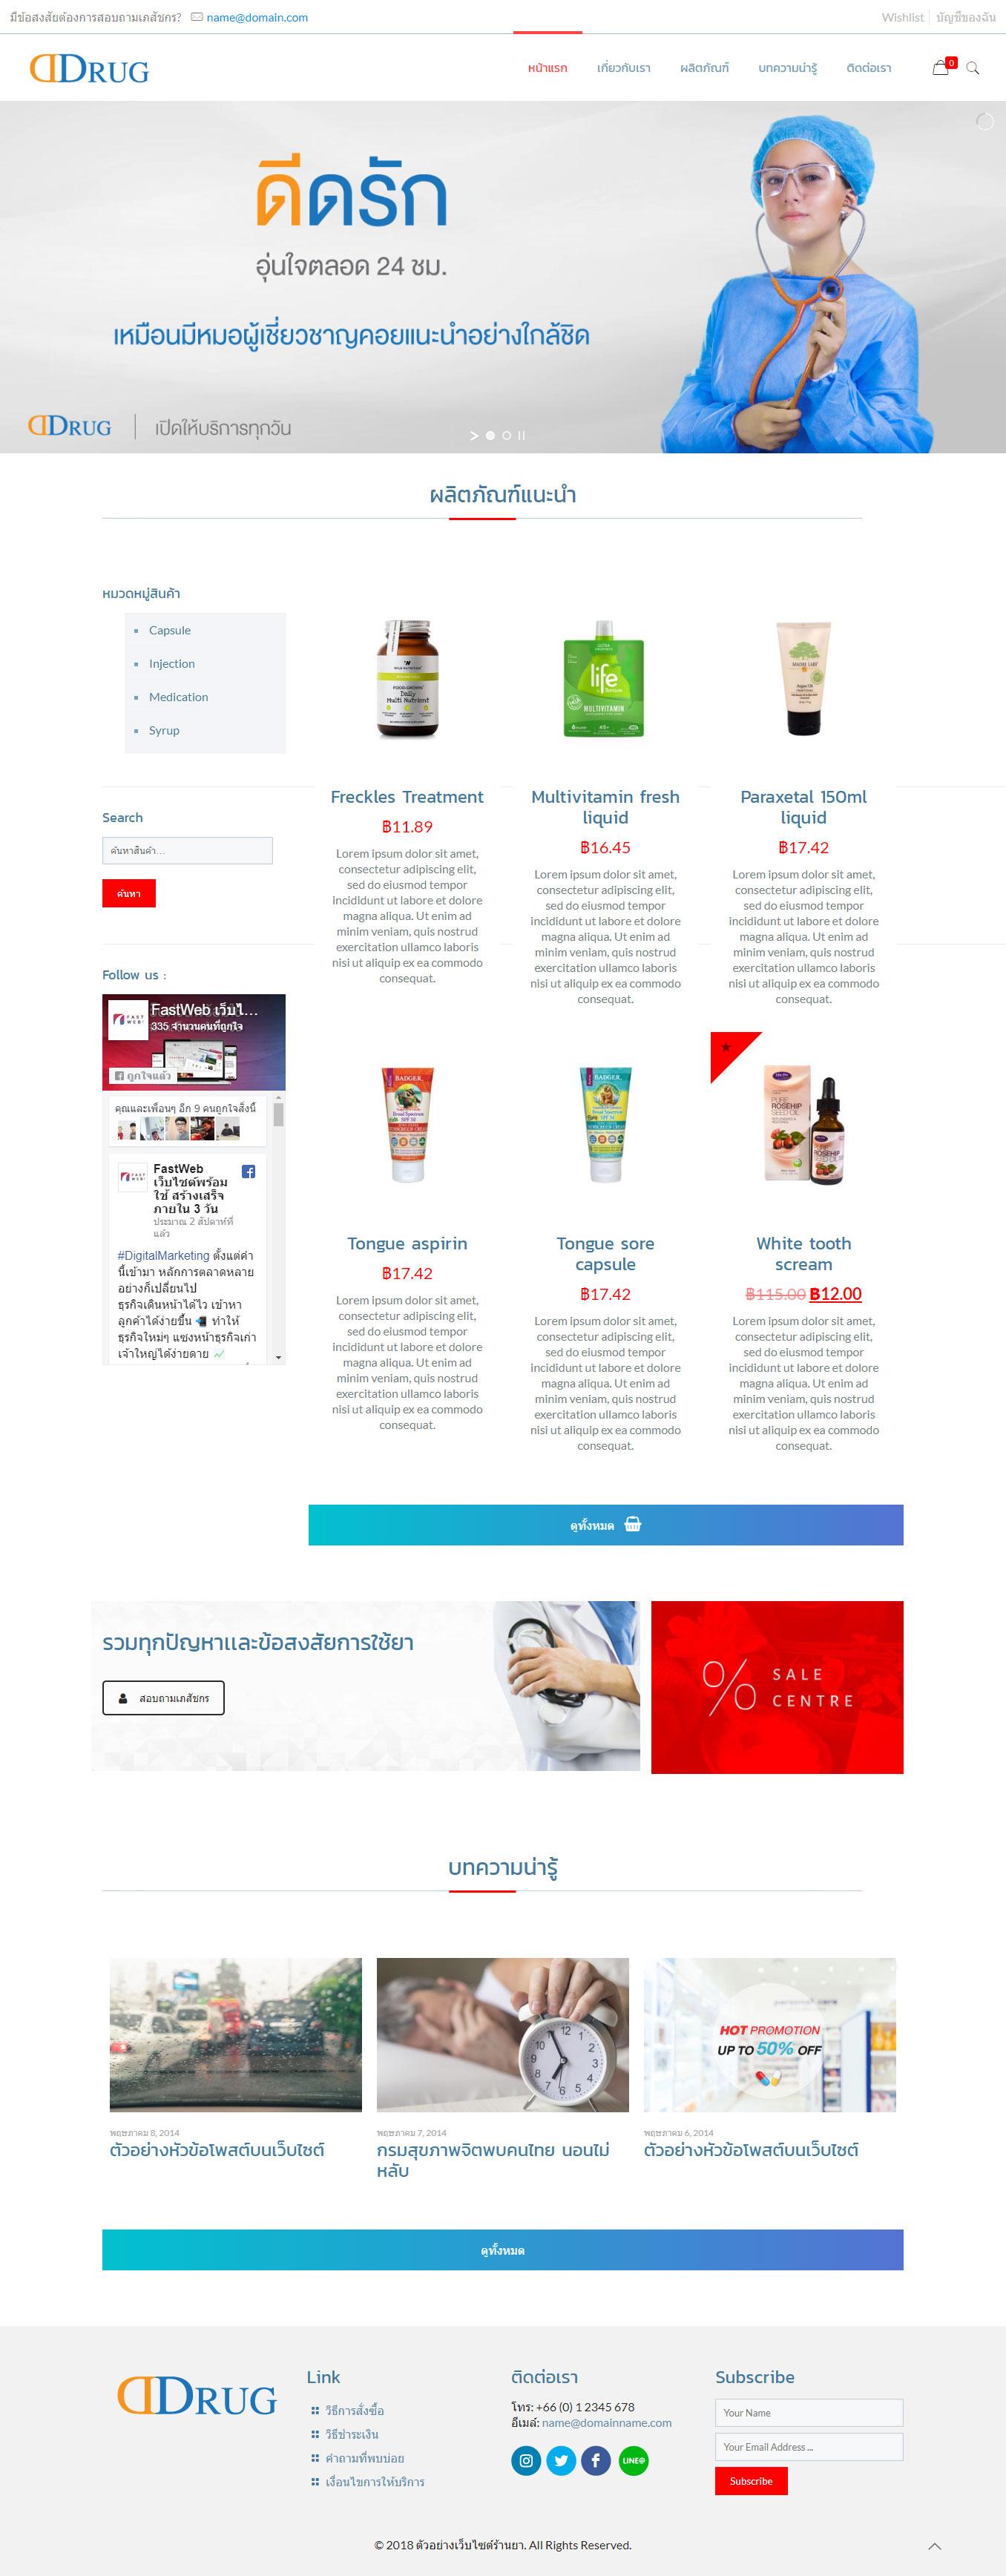 ตัวอย่างเว็บไซต์พร้อมใช้ร้านเภสัชขายยา